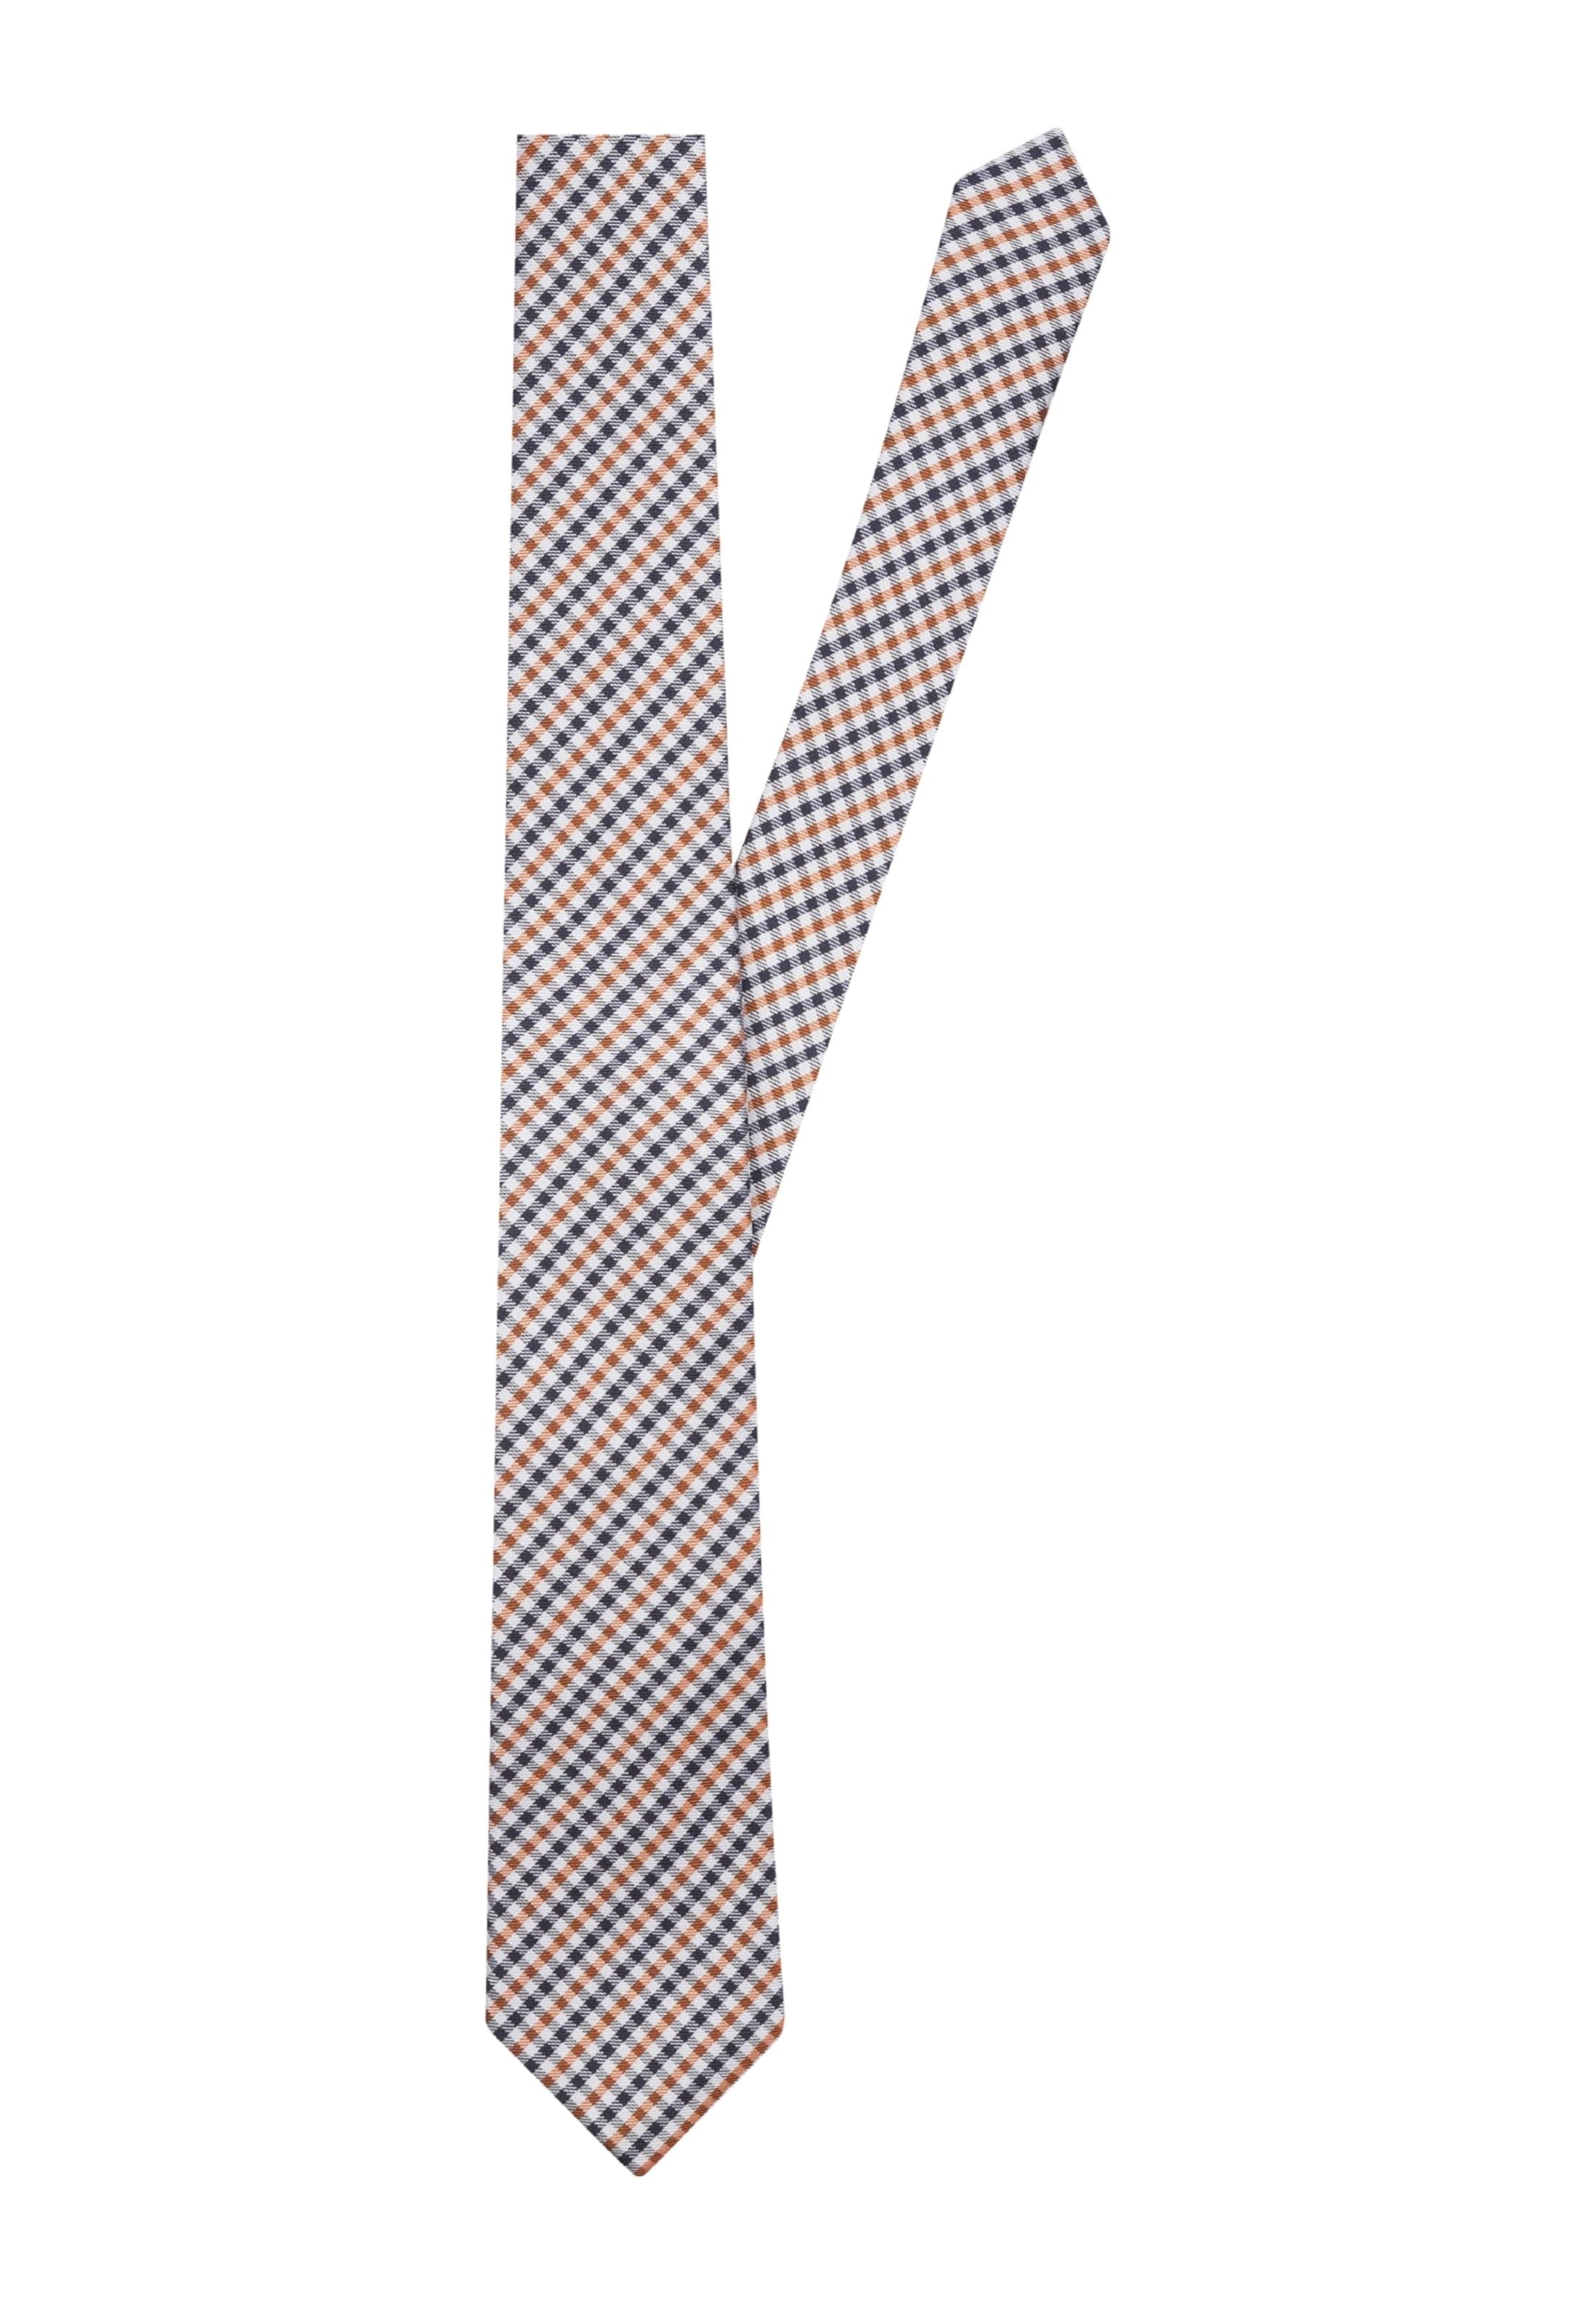 SEIDENSTICKER Krawatte 'Schwarze Rose' Verkauf Erschwinglich Vorbestellung Für Verkauf Verkauf Manchester Großer Verkauf Günstig Kaufen Finden Große Günstig Online gRXzdUi